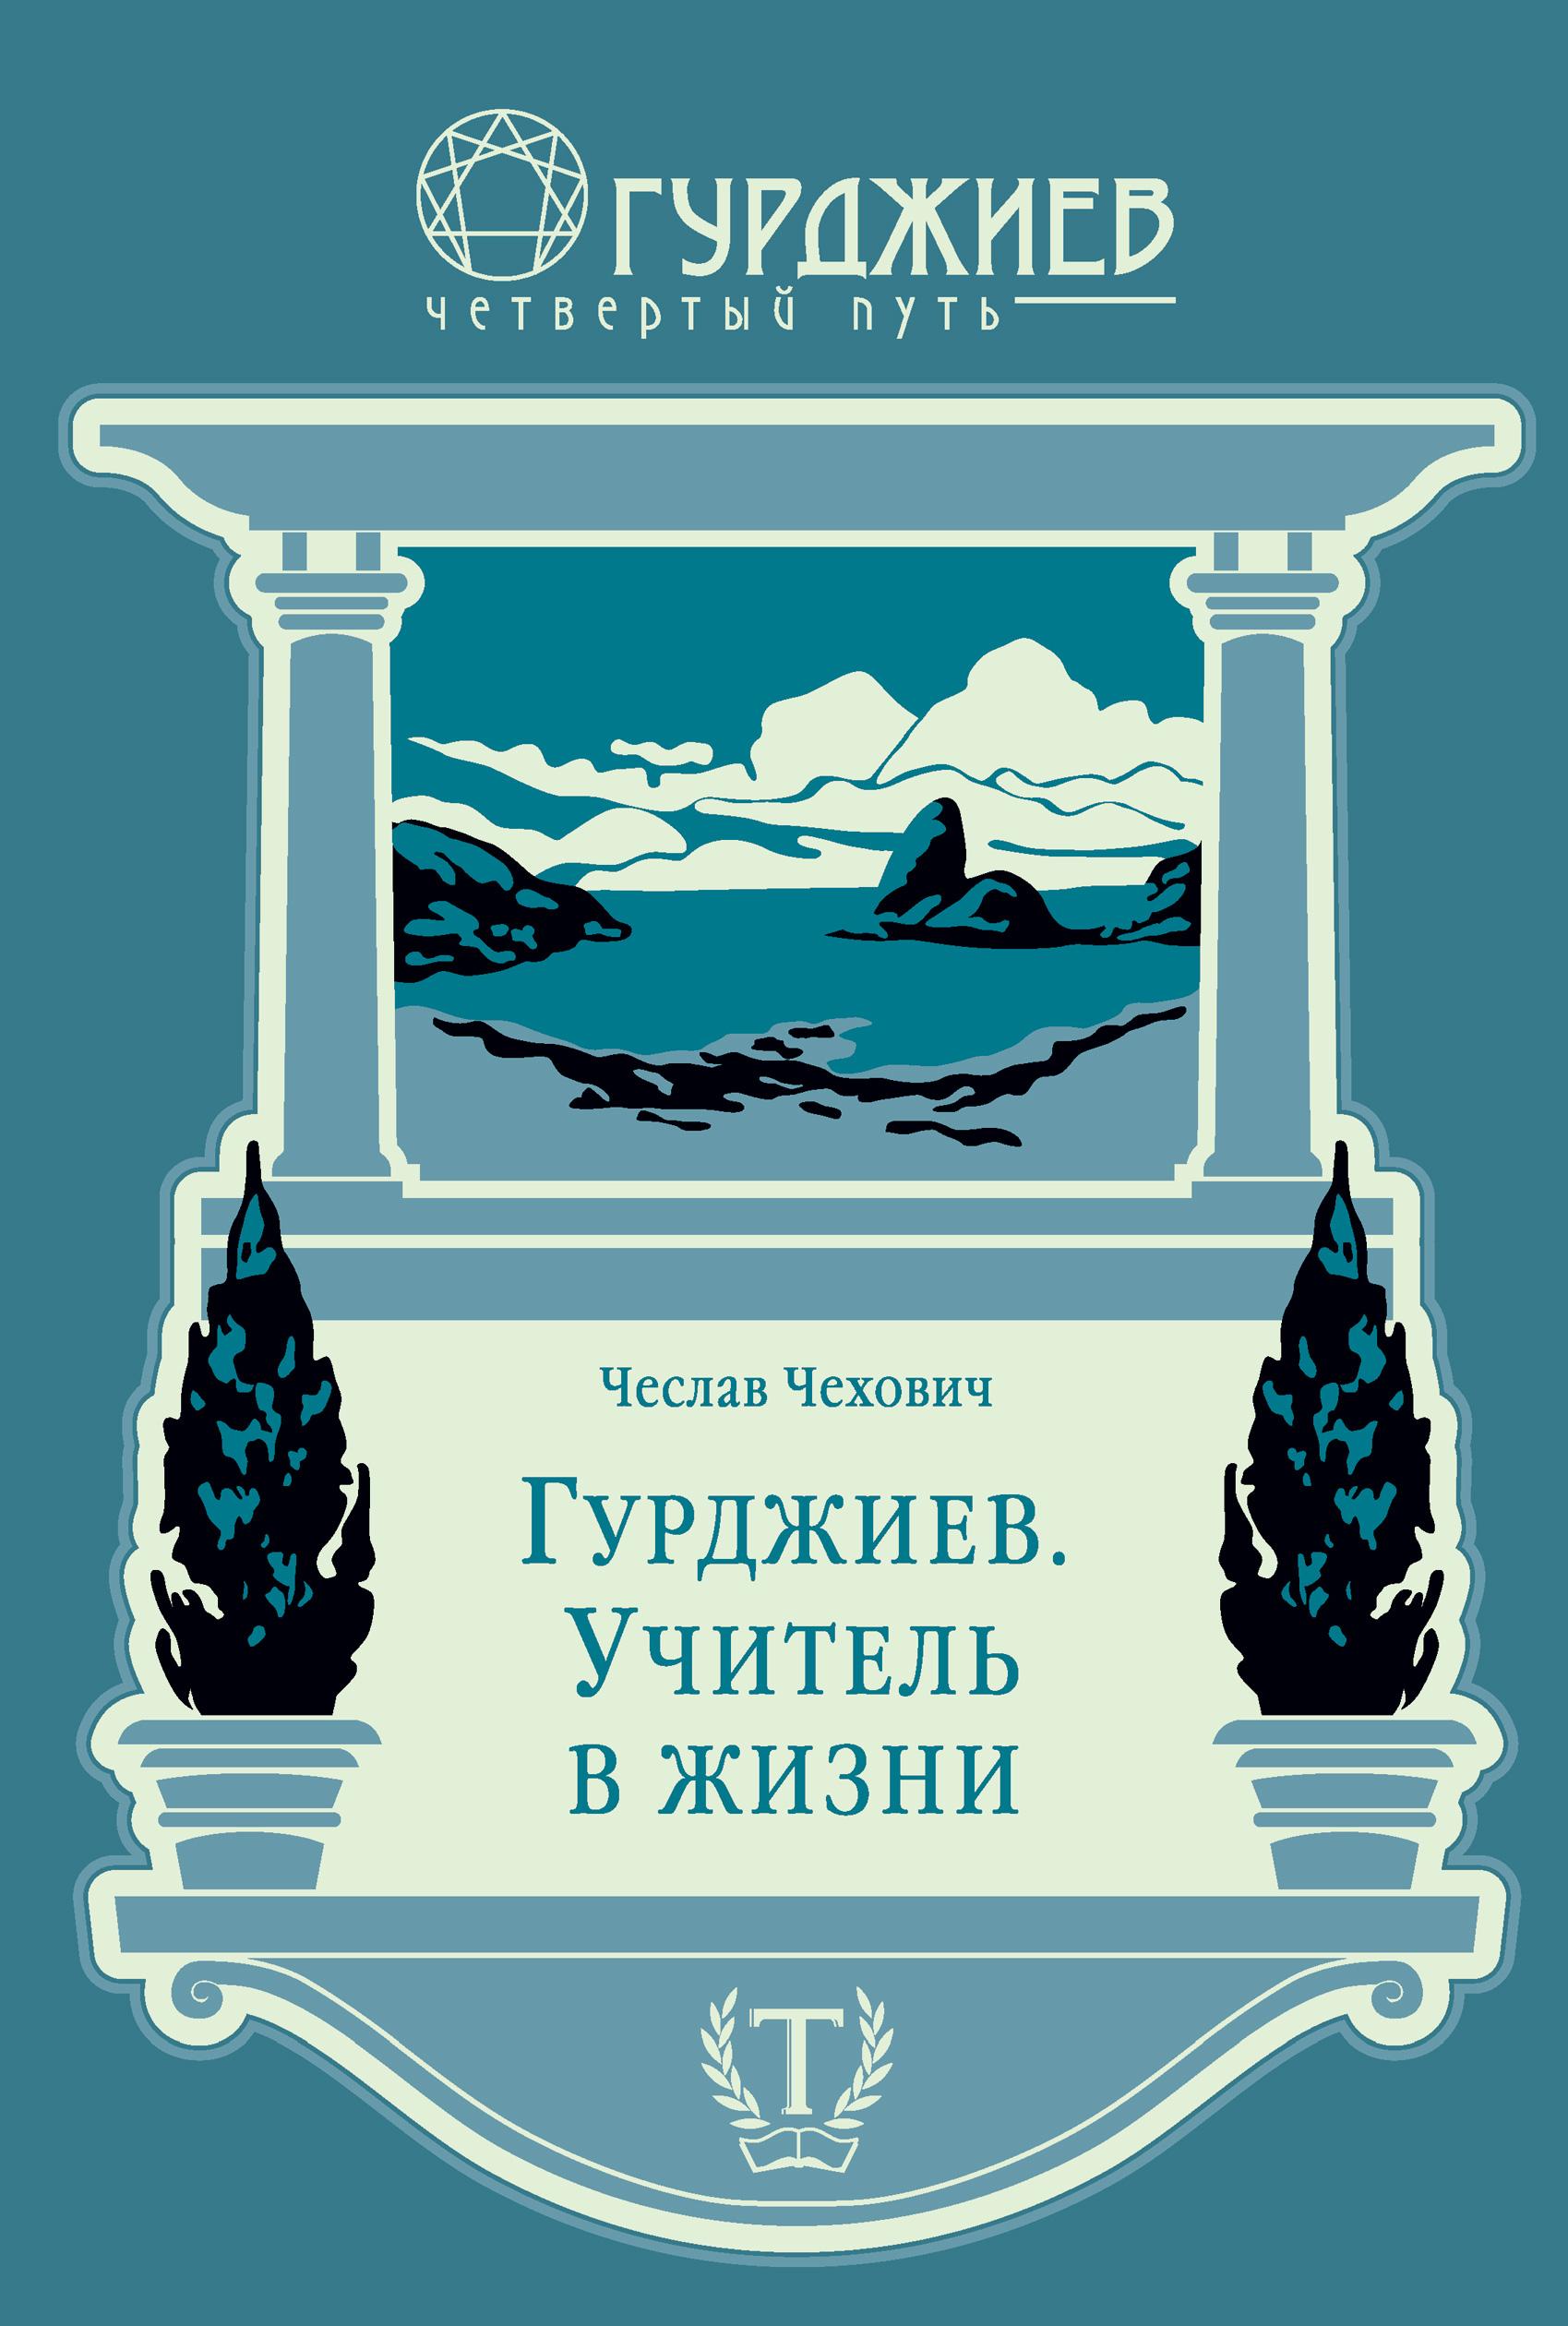 Чеслав Чехович Гурджиев. Учитель в жизни